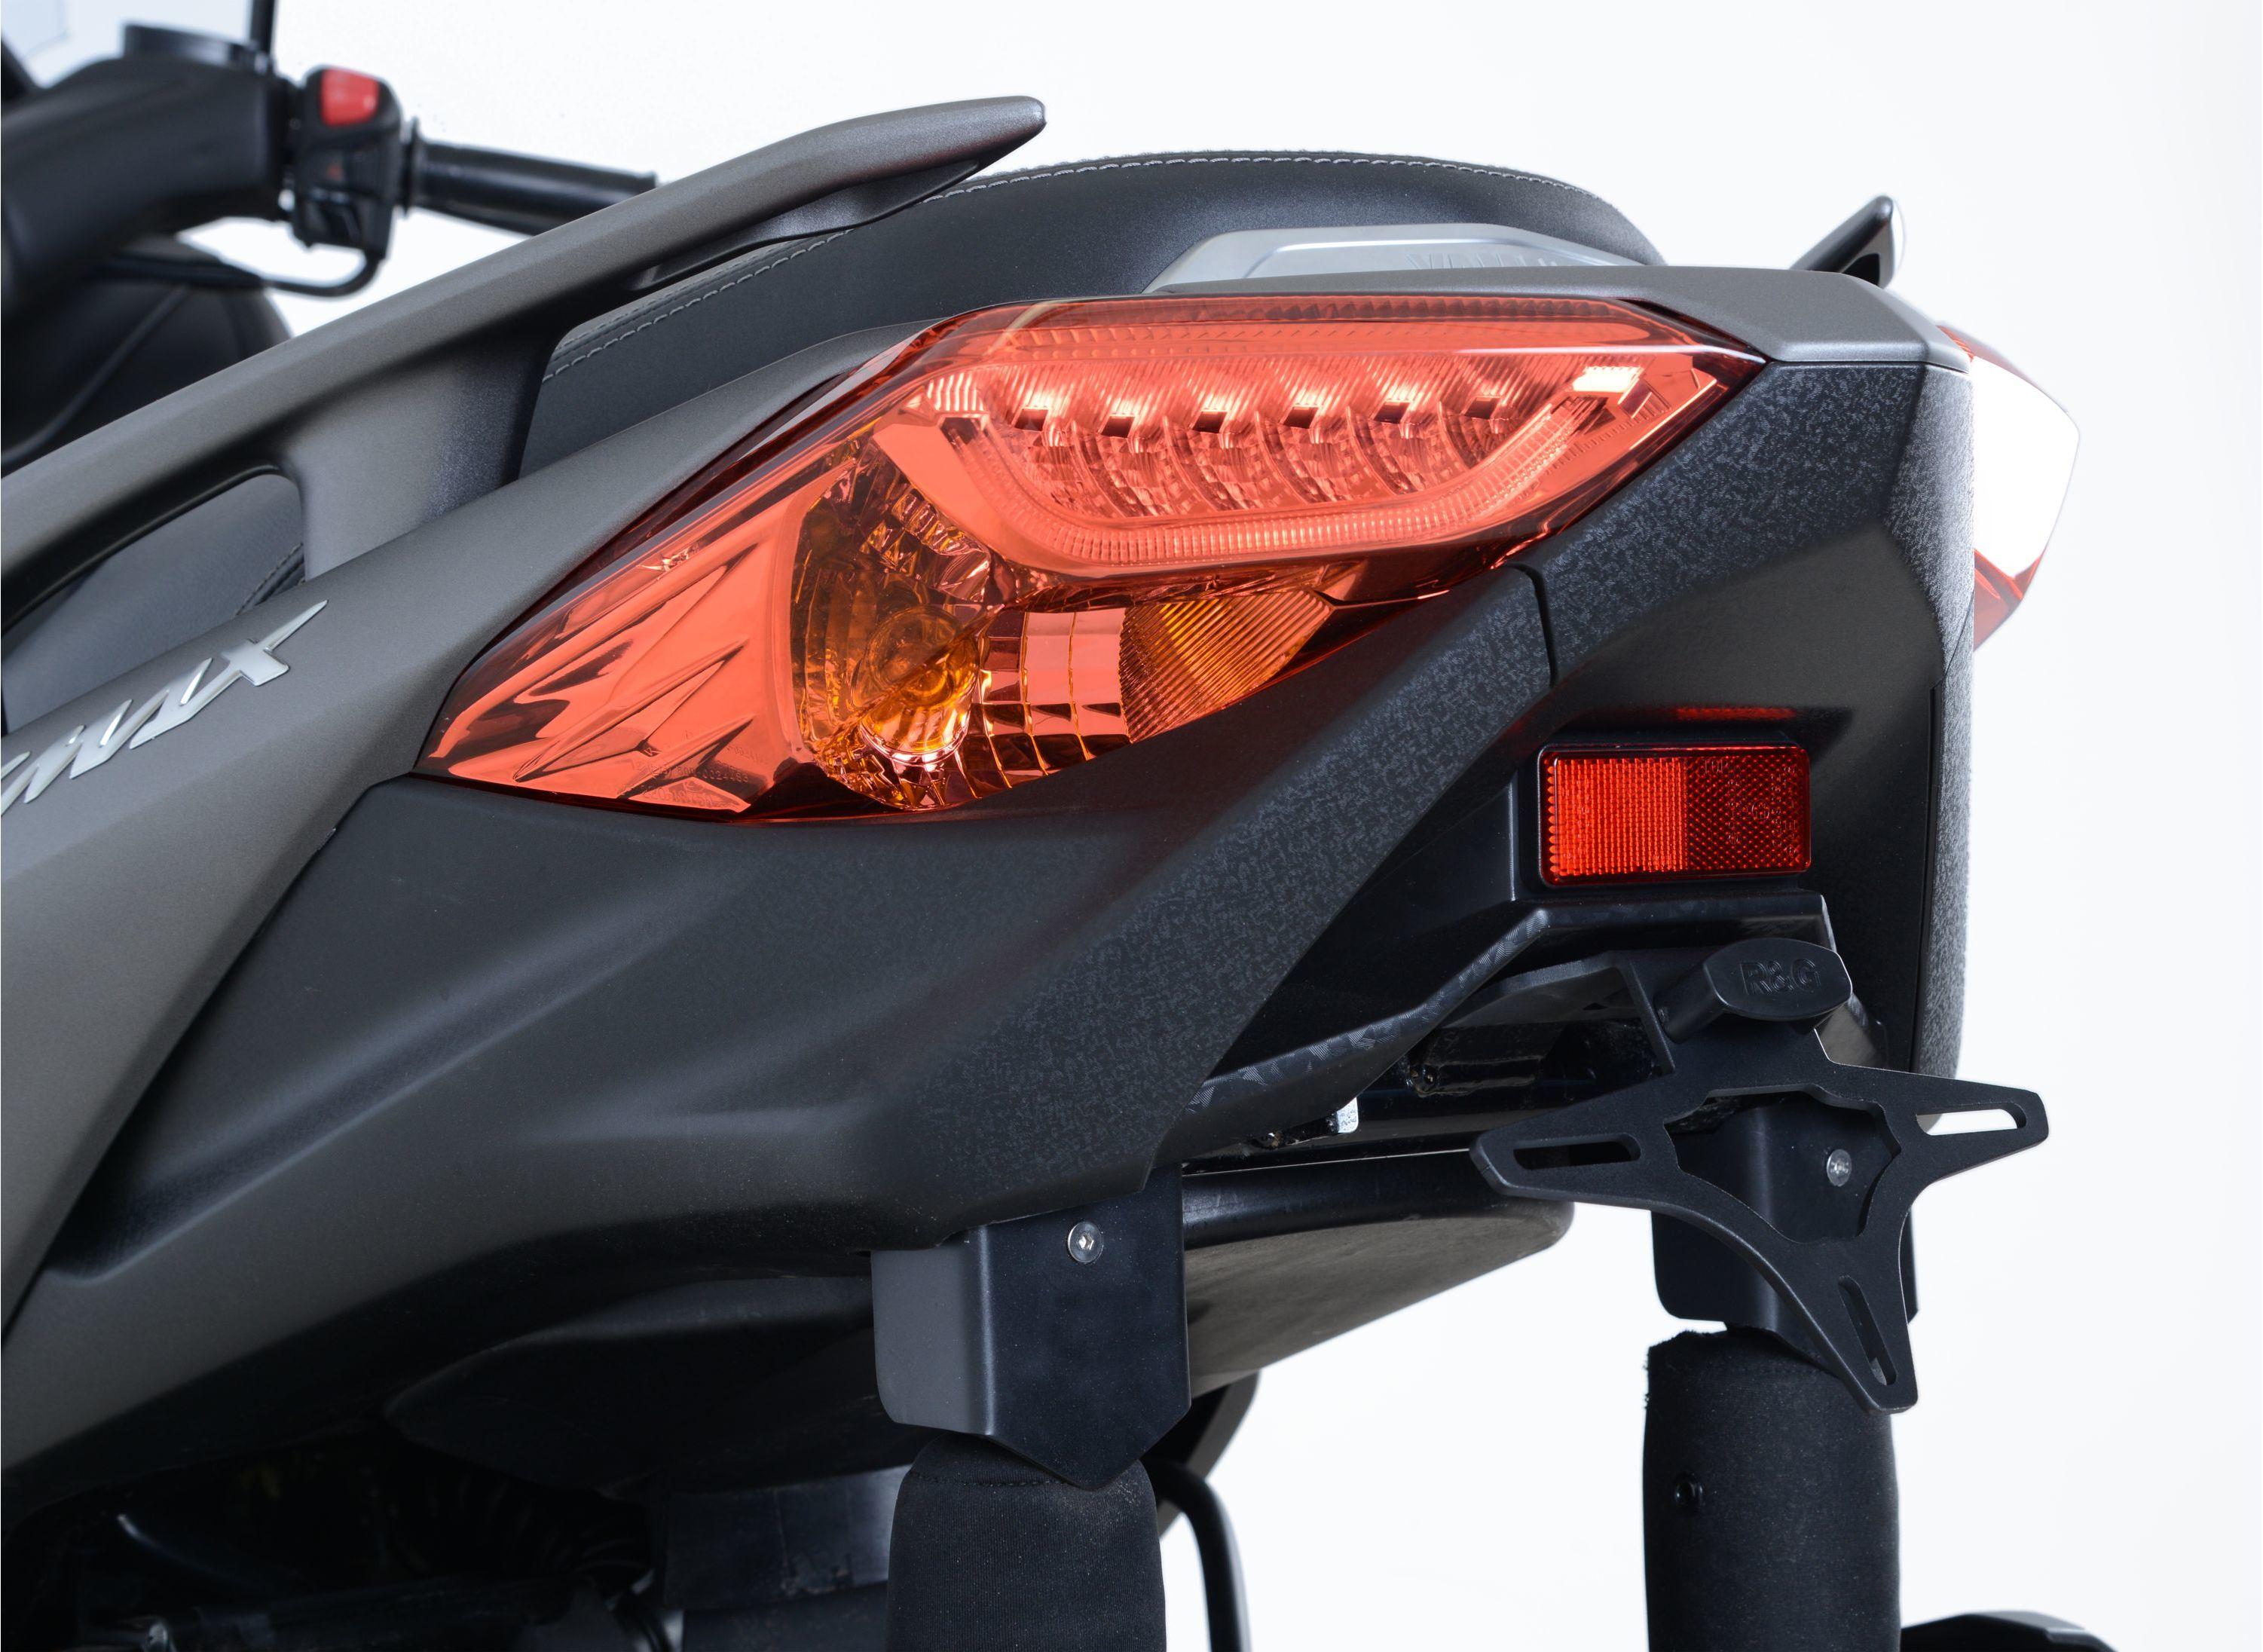 Mango de acelerador puede empu/ñadura de acelerador Motocross Beach 110/cc 125/cc 1/par + inal/ámbrico